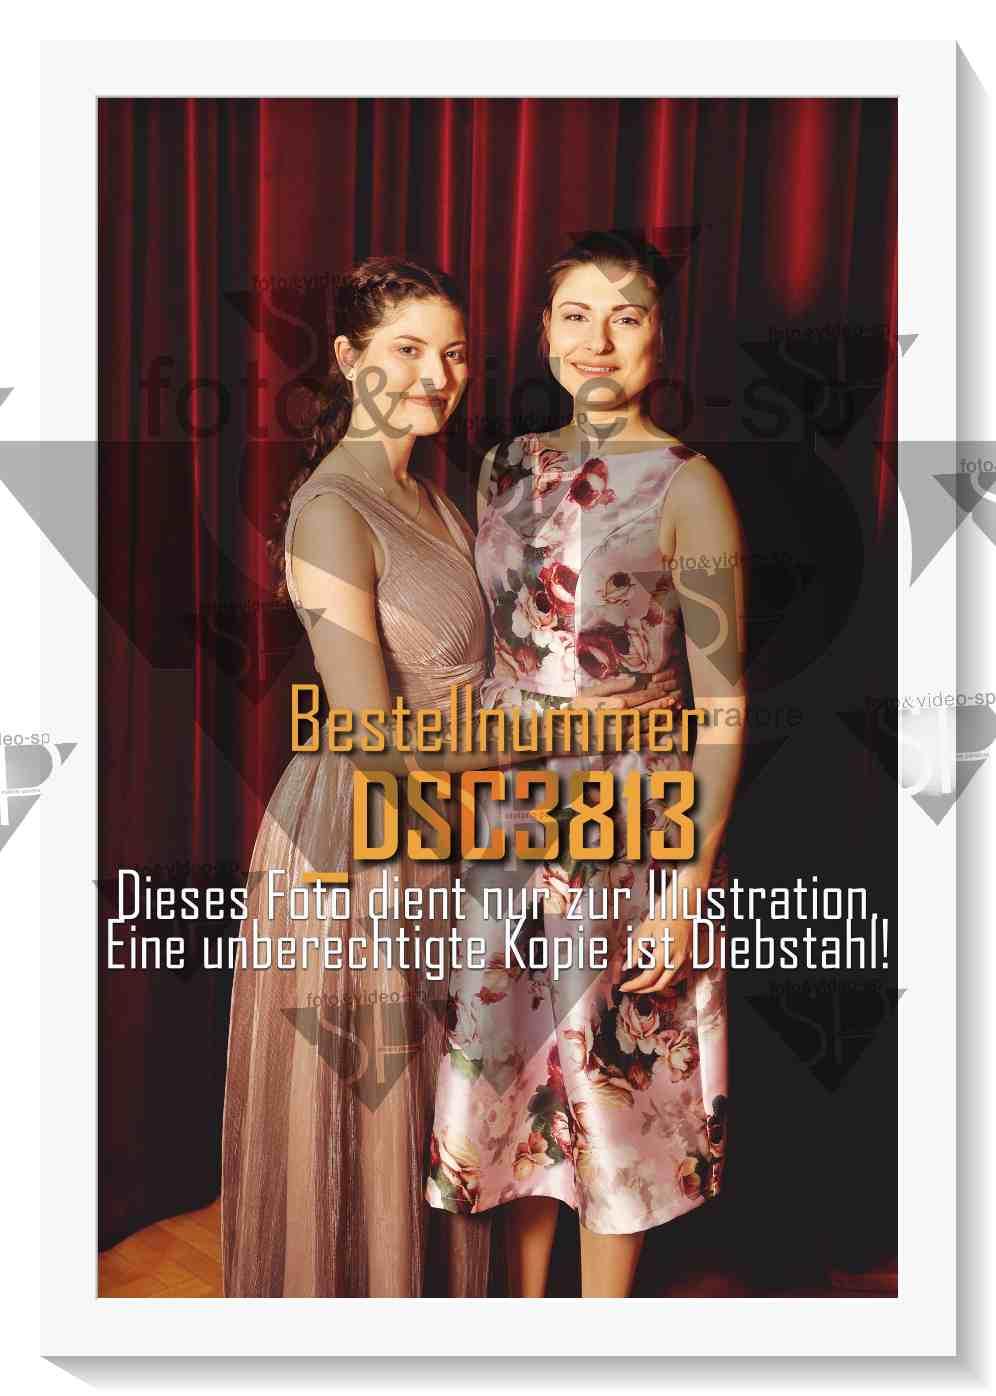 DSC3813